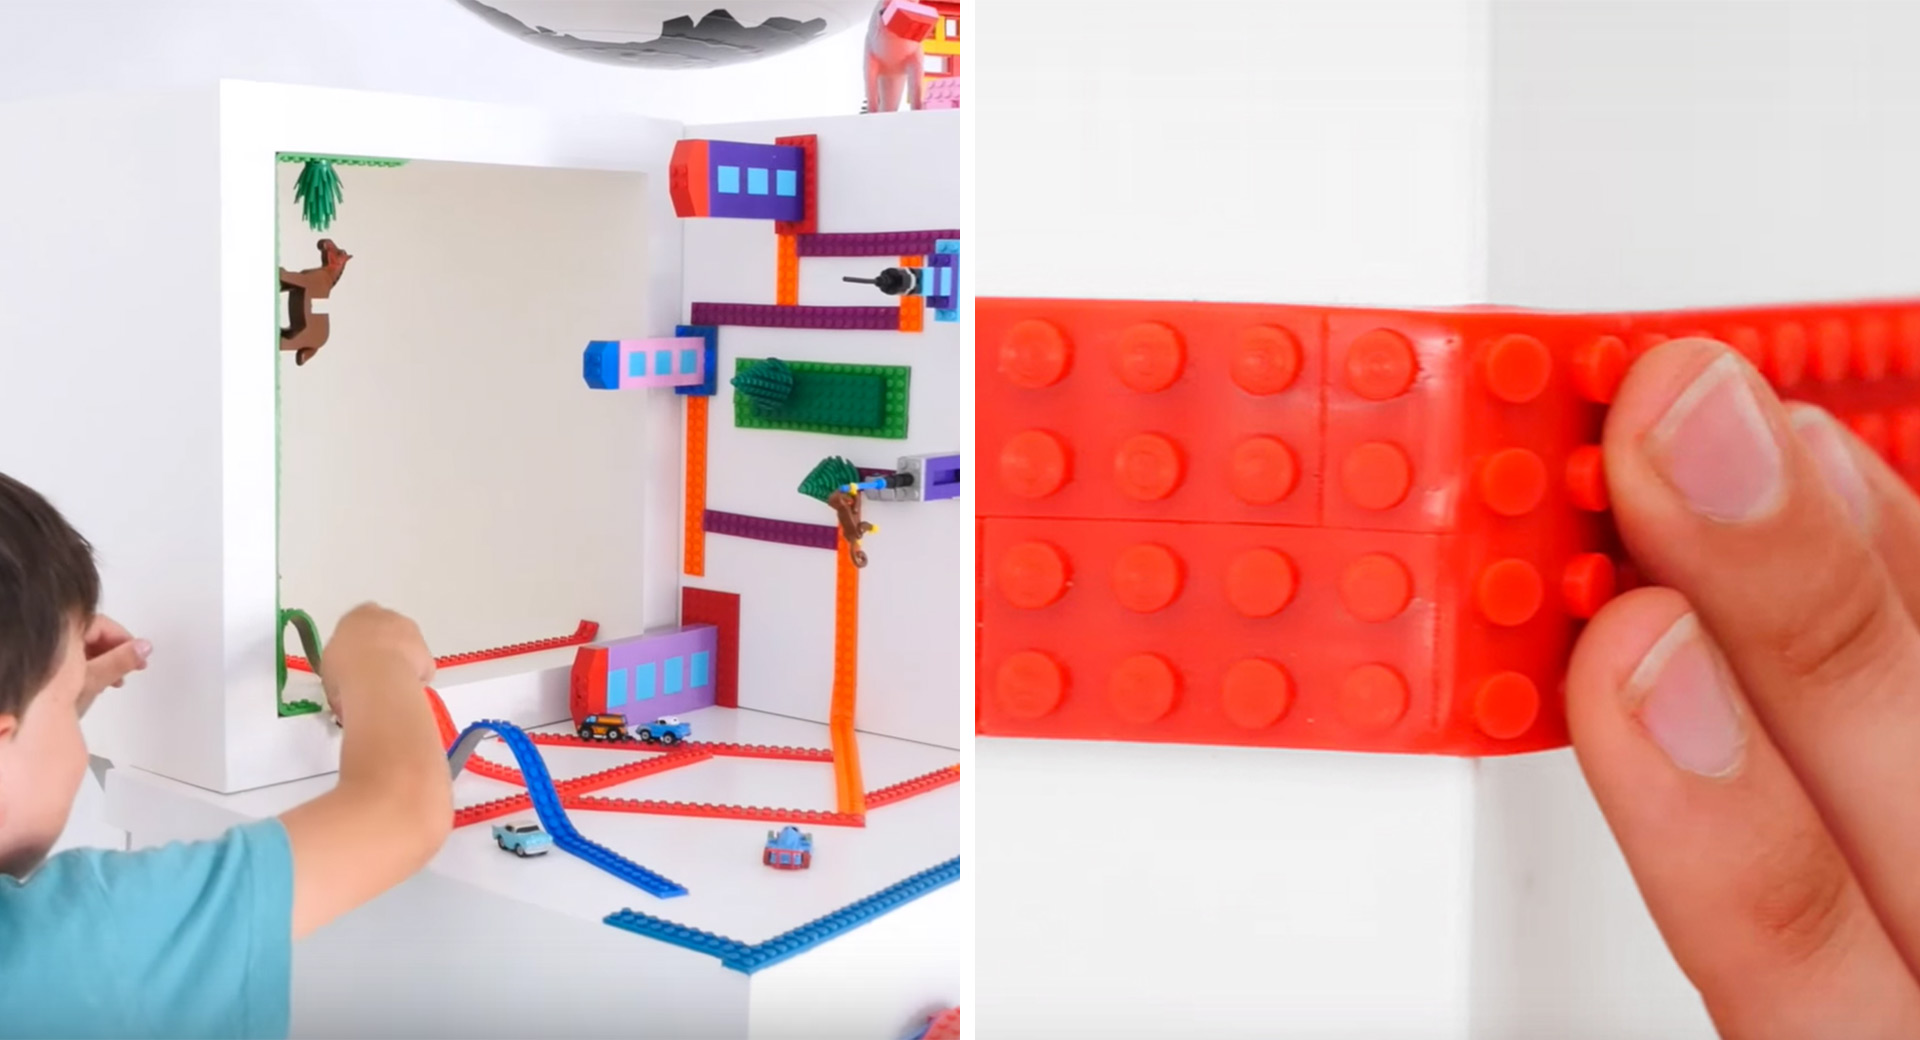 Nimuno Loops Lego Tape Macht Jegliche Oberflächen Mit Lego Bebaubar